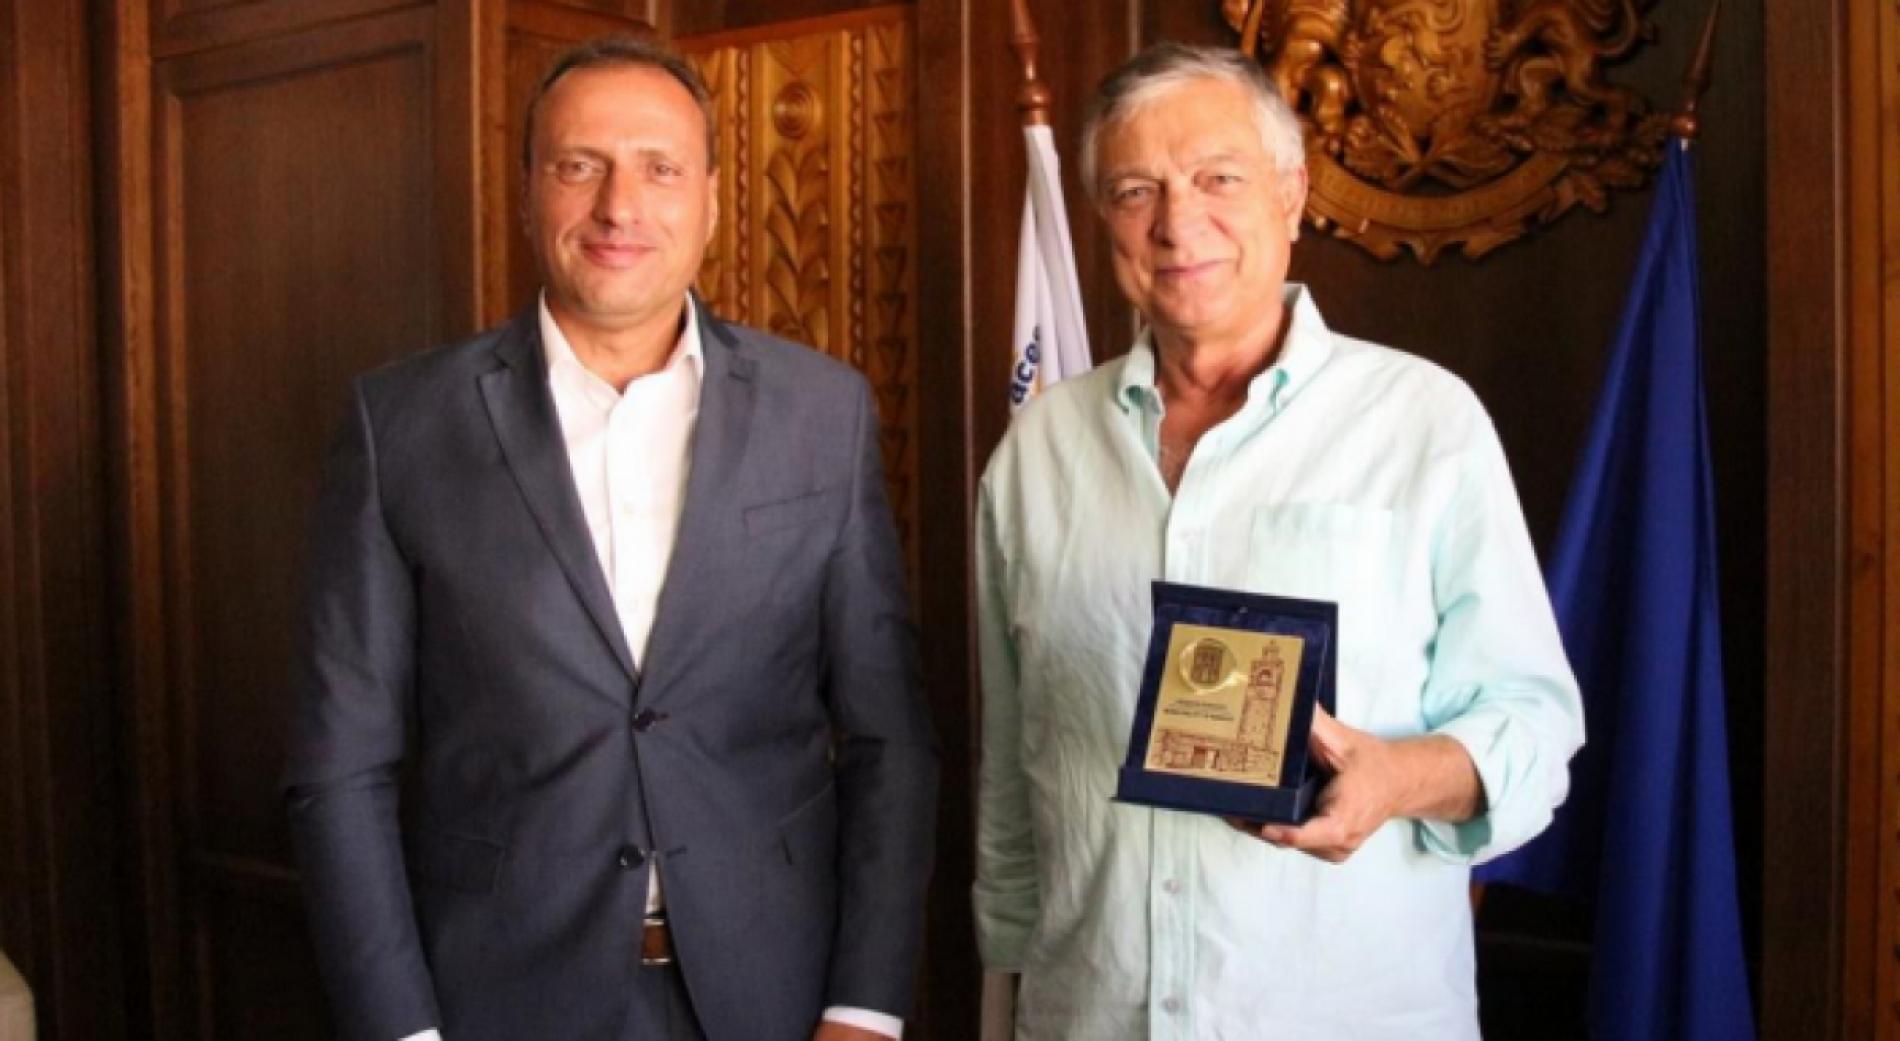 Мэр Банско приветствовал почетного консула Италии - Антонио Тарквинио